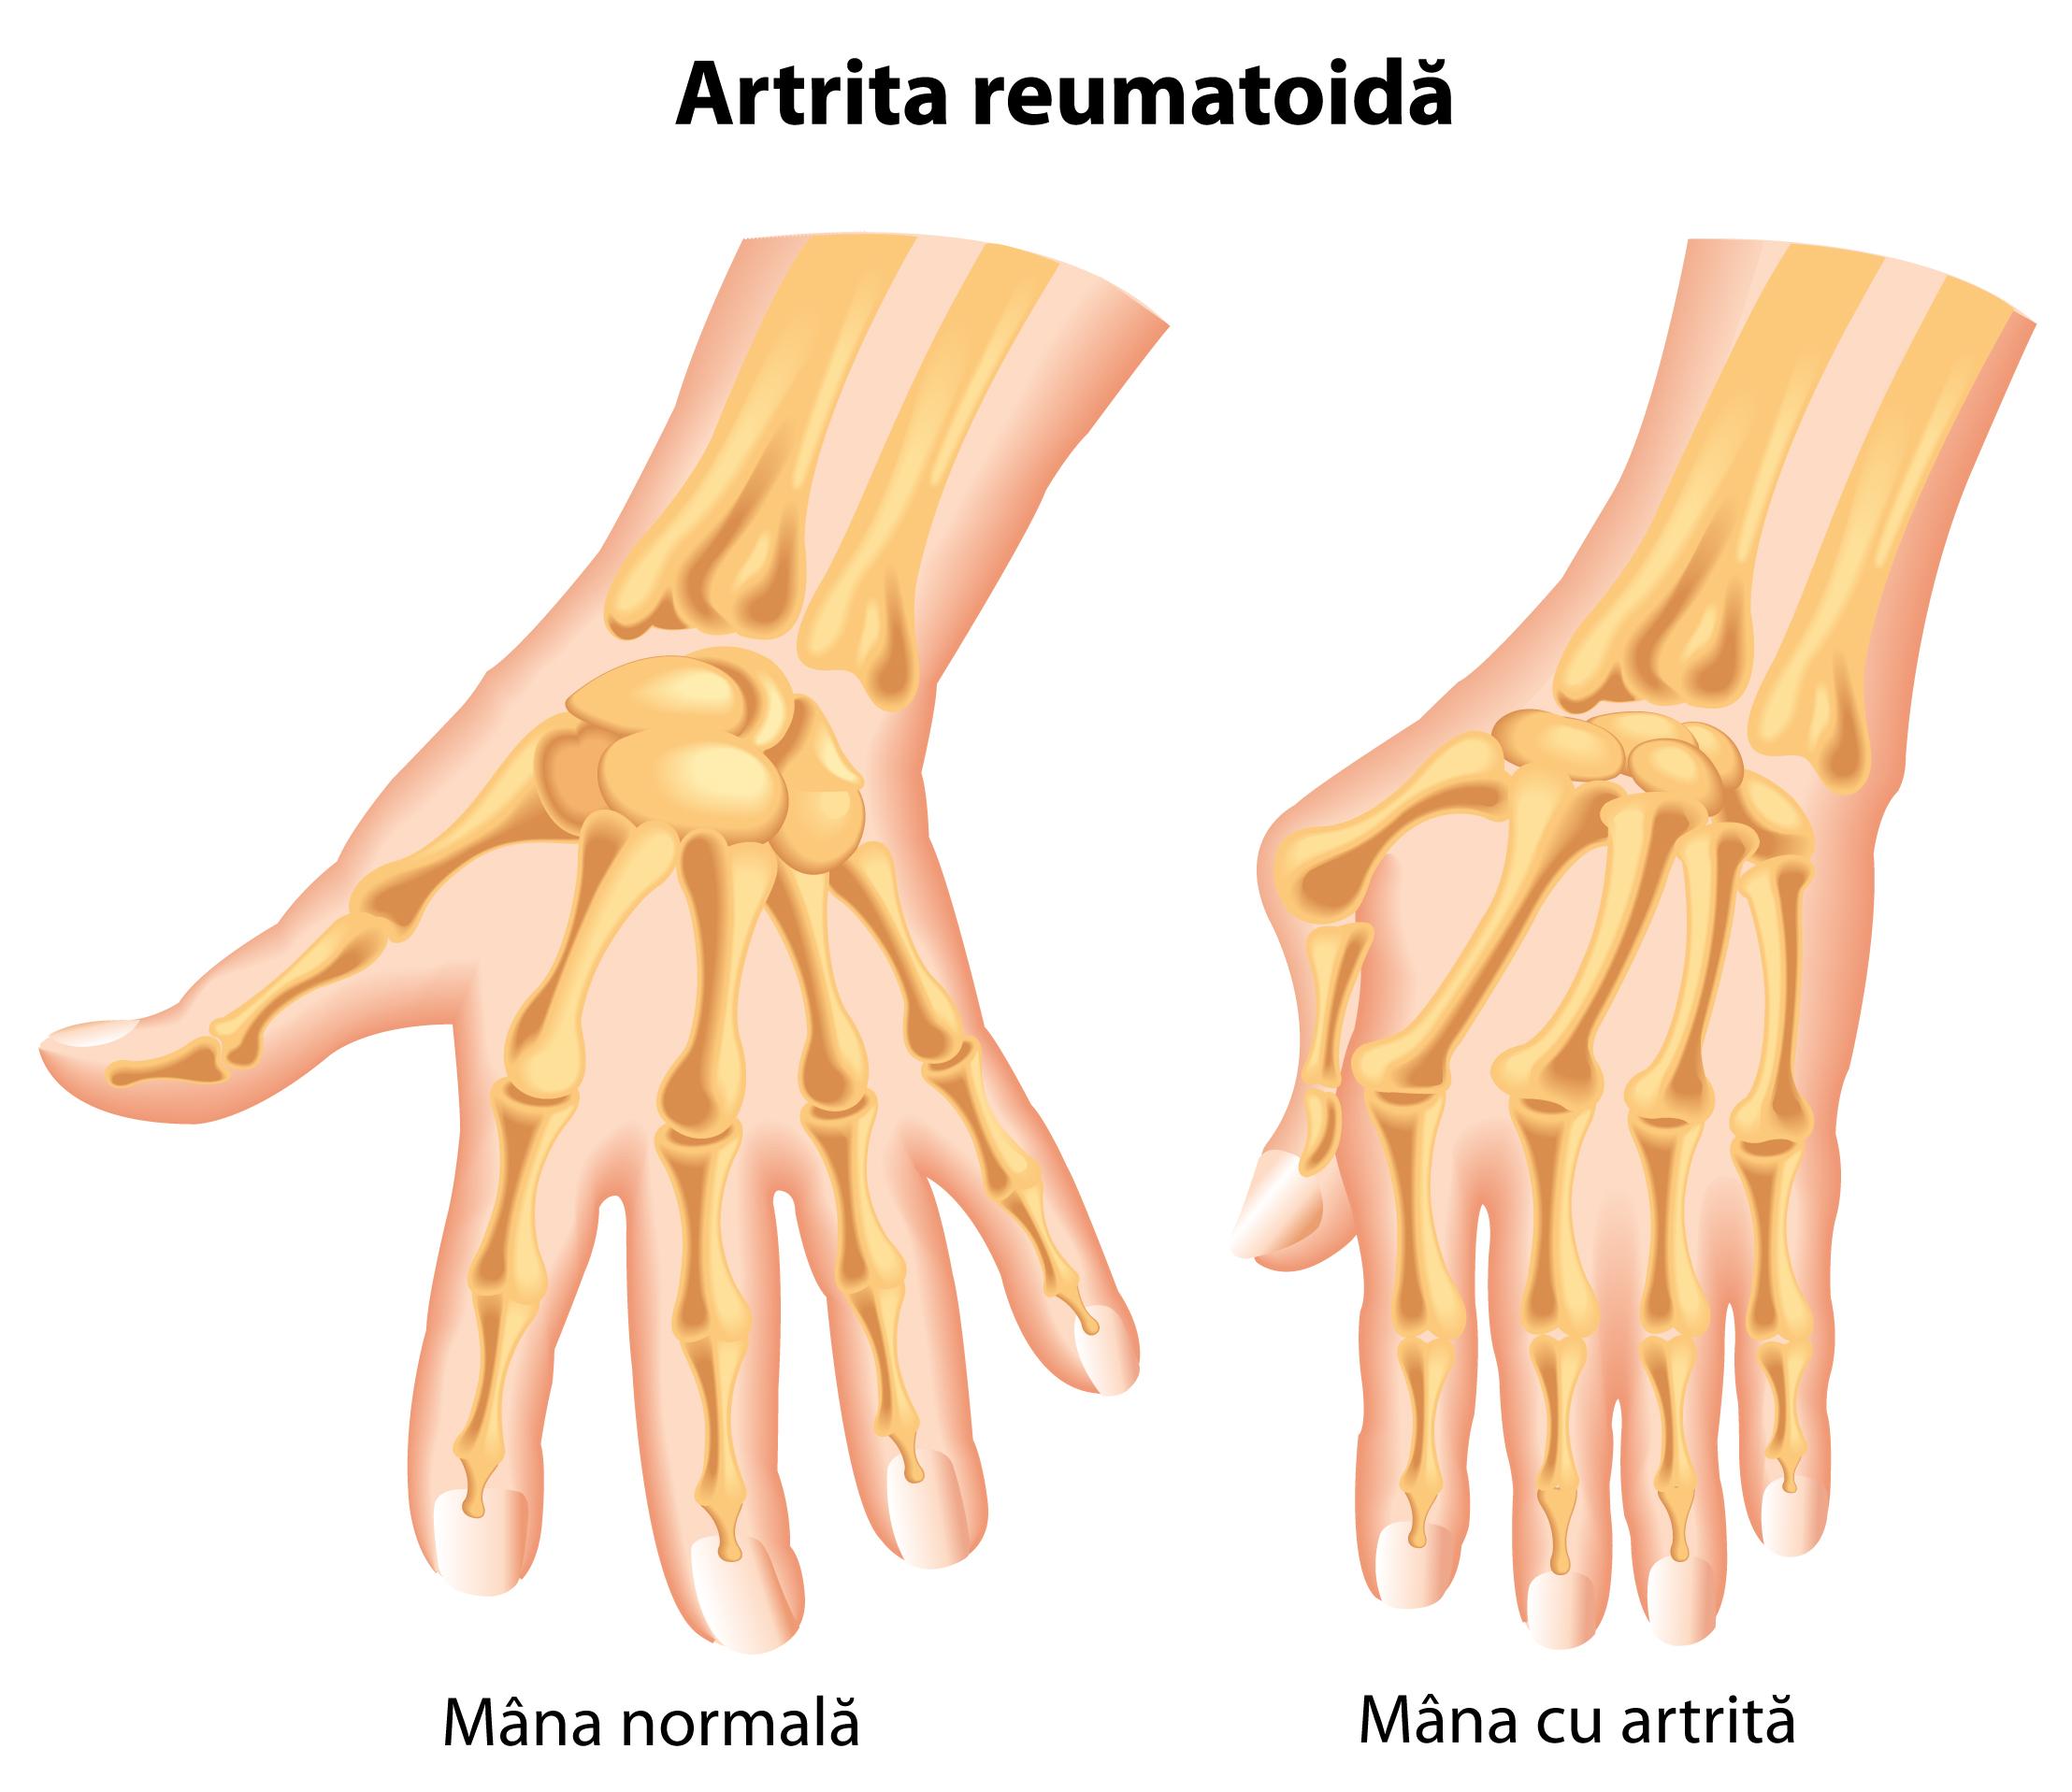 artrita deformantă a mâinilor dureri de durere în articulații mici